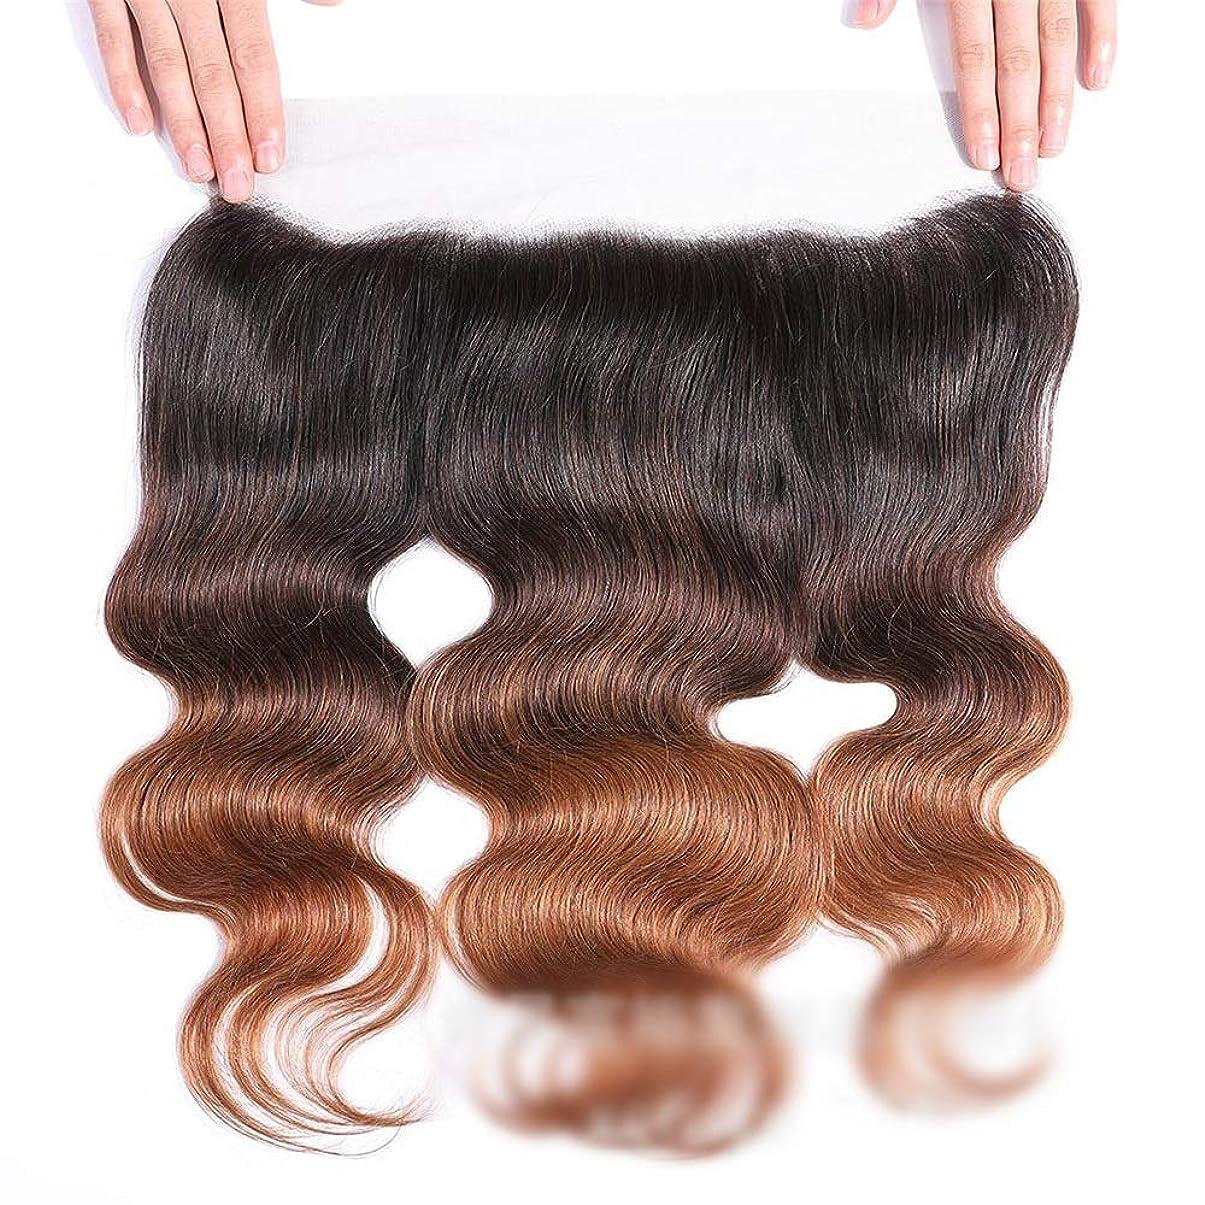 床を掃除するお互い削除するHOHYLLYA 13x4レースの閉鎖ブラジルの実体波人間の髪の毛の自由な部分ブラウンナチュラル探して茶色のかつら長い巻き毛のかつら、 (色 : ブラウン, サイズ : 16 inch)